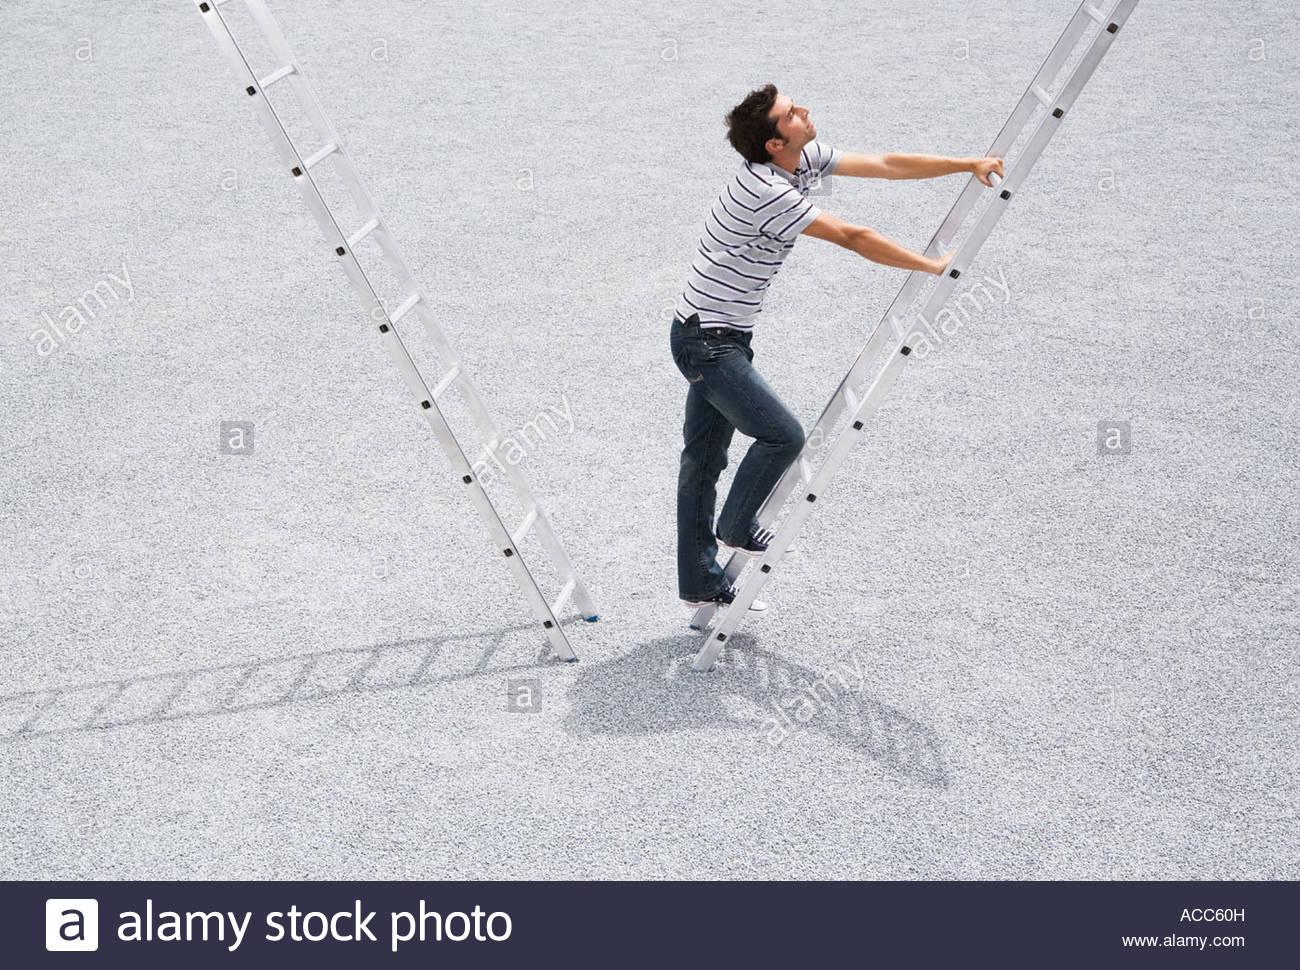 Mann im freien Klettern Leiter Stockbild